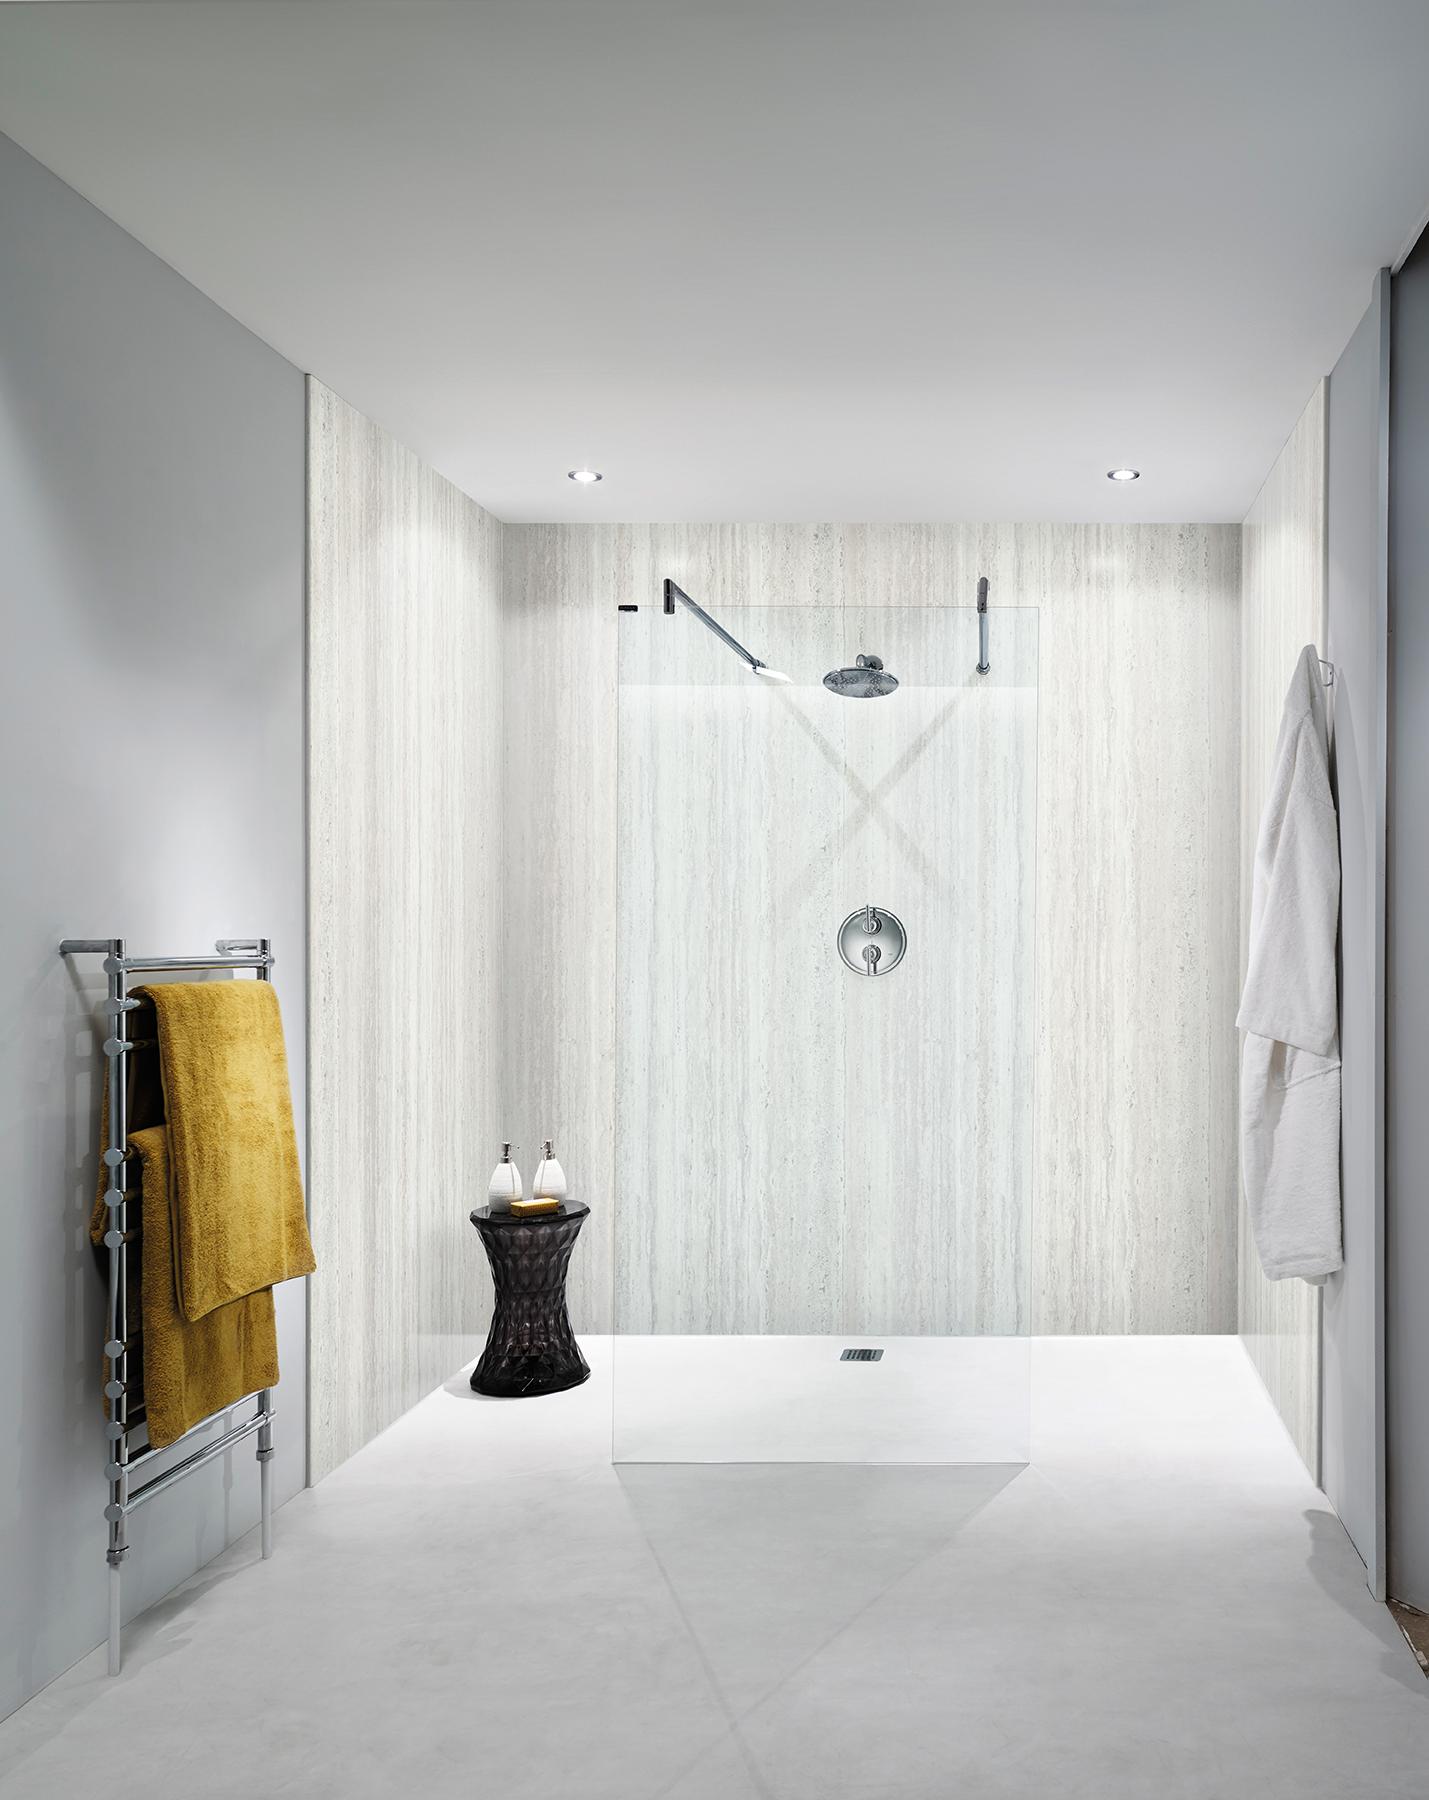 Nuance Shower Room Bathroom Wall Panels Waterproof Paneling